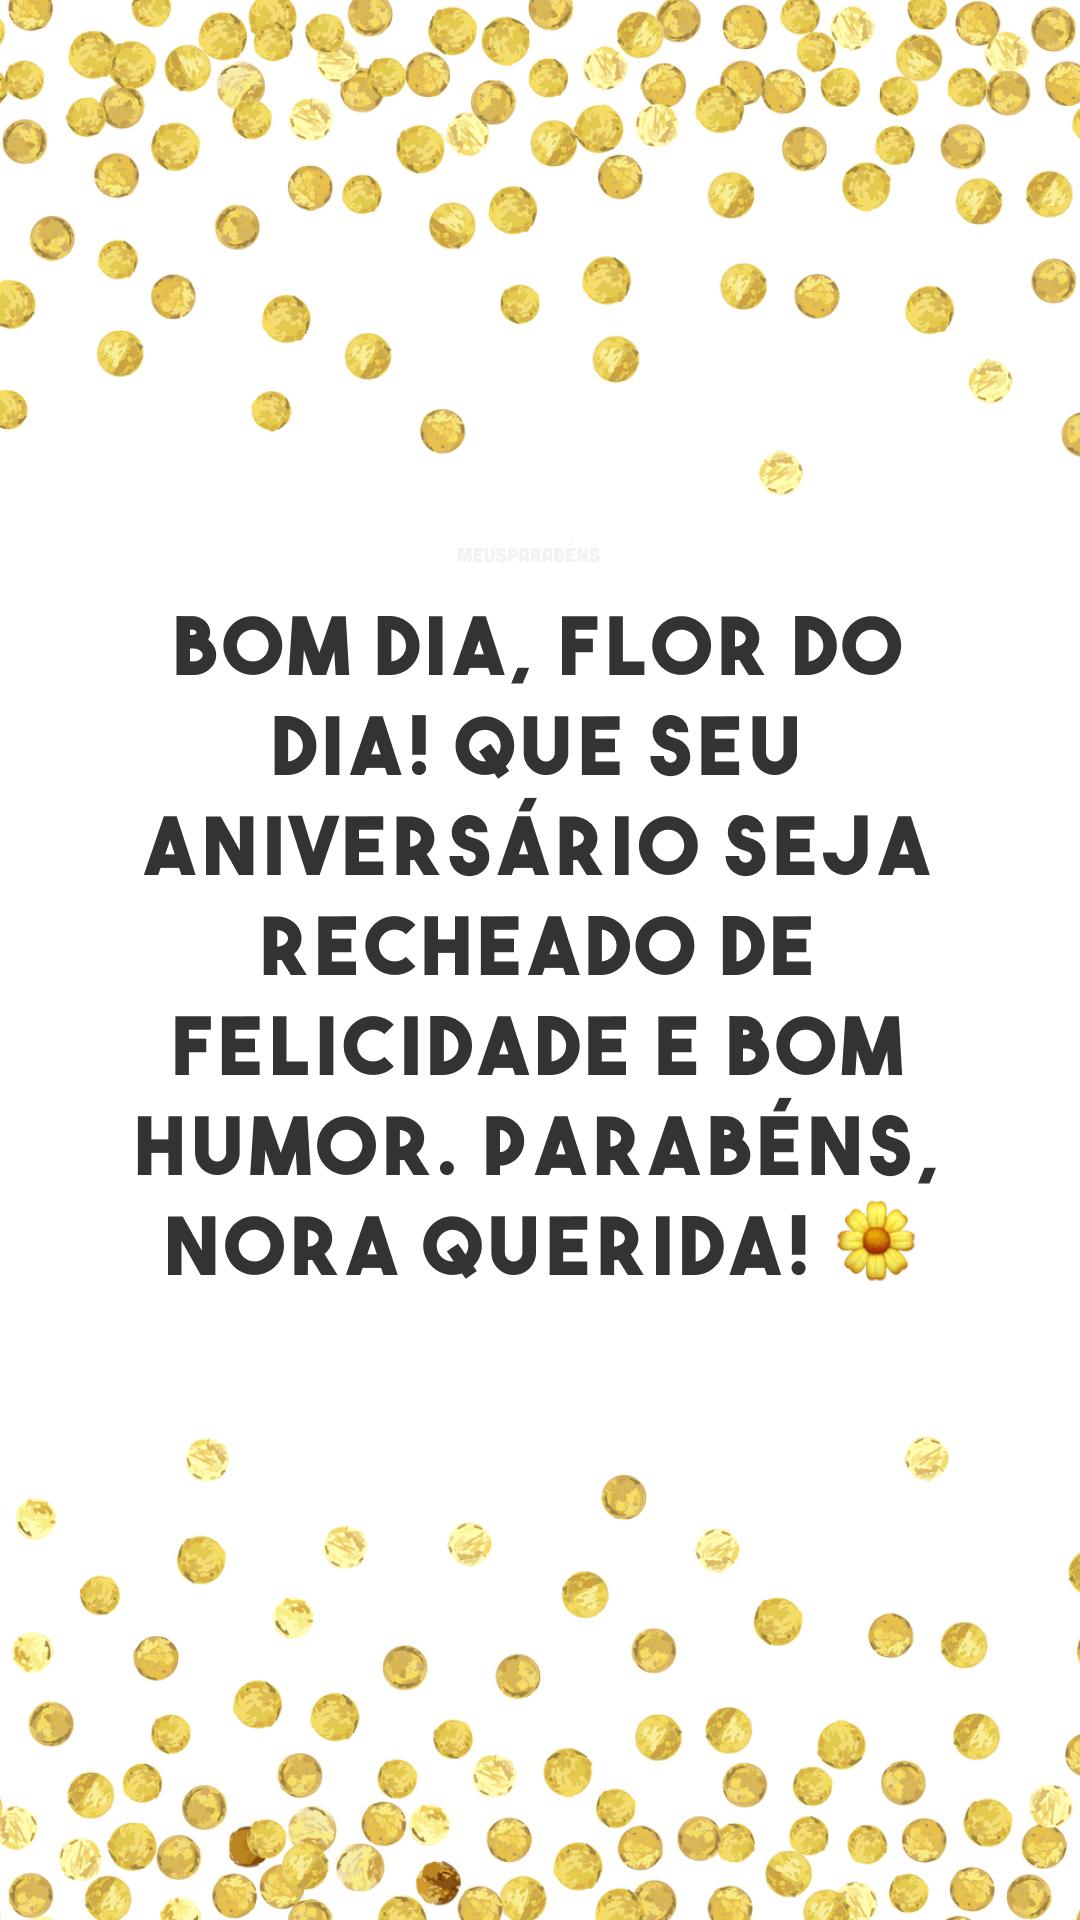 Bom dia, flor do dia! Que seu aniversário seja recheado de felicidade e bom humor. Parabéns, nora querida! ?